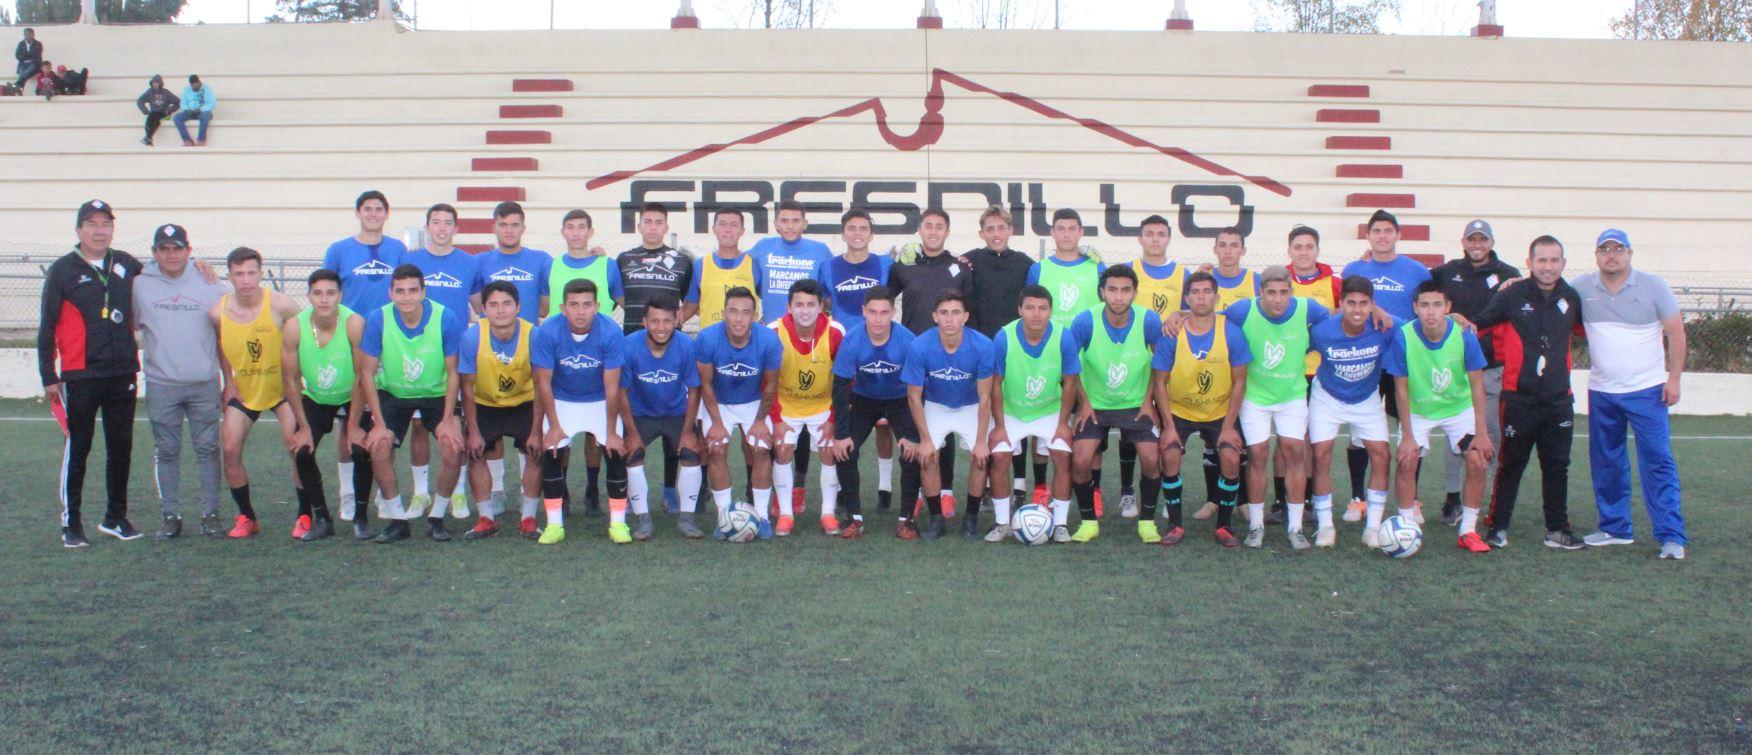 Mineros de Fresnillo se encuentran listos para su participación en la temporada 2019 - 2020 de futbol profesional